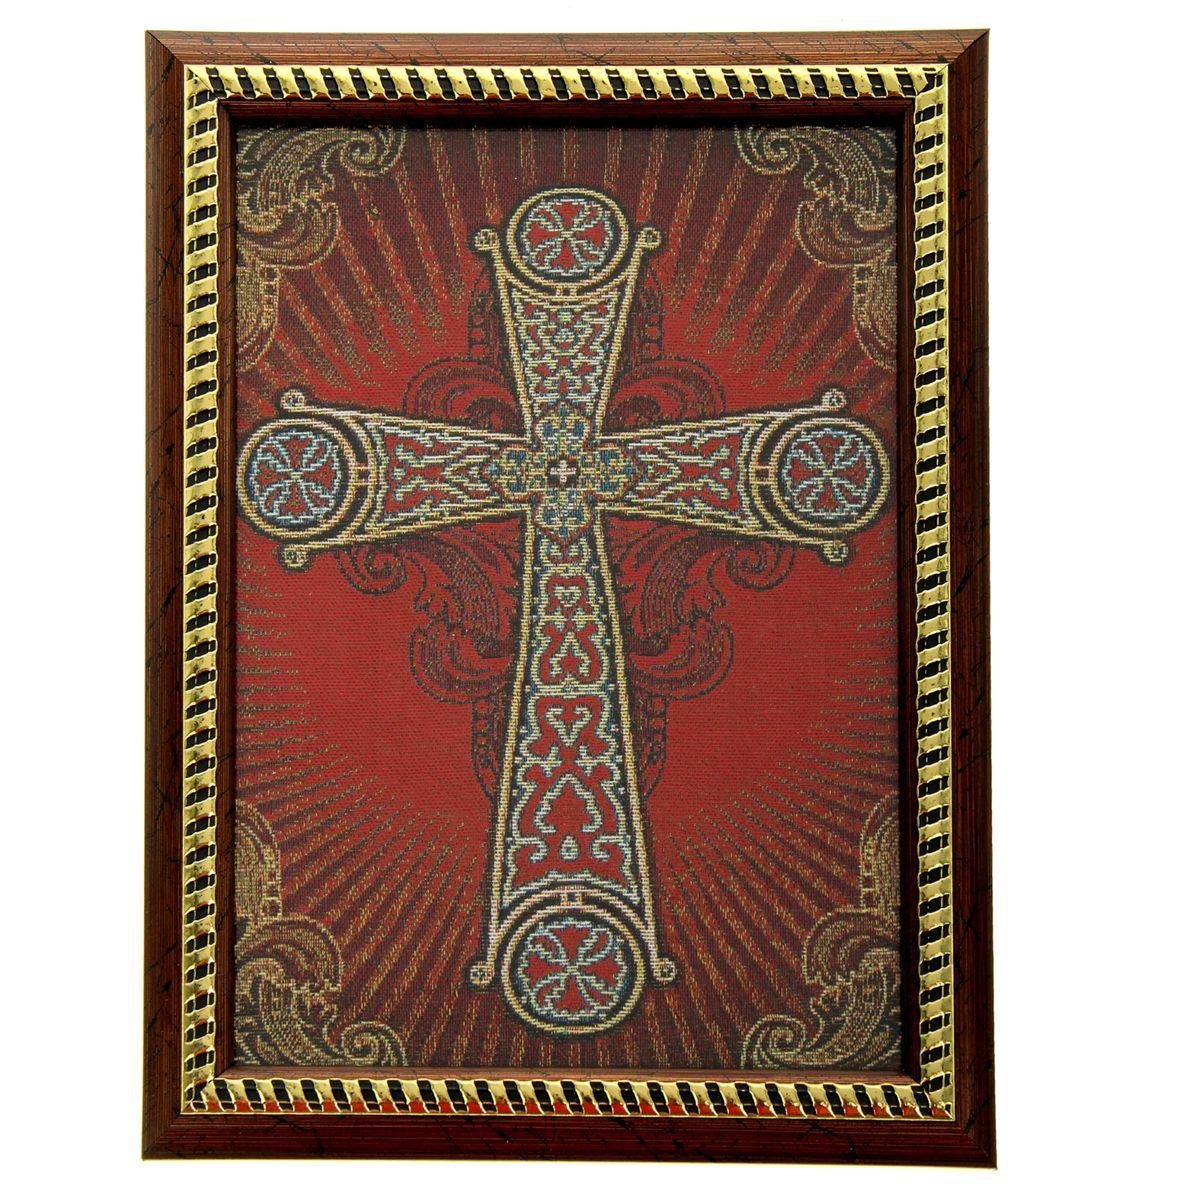 Икона в рамке Корсунский крест, 21 см х 27,5 см икона 6 мечей